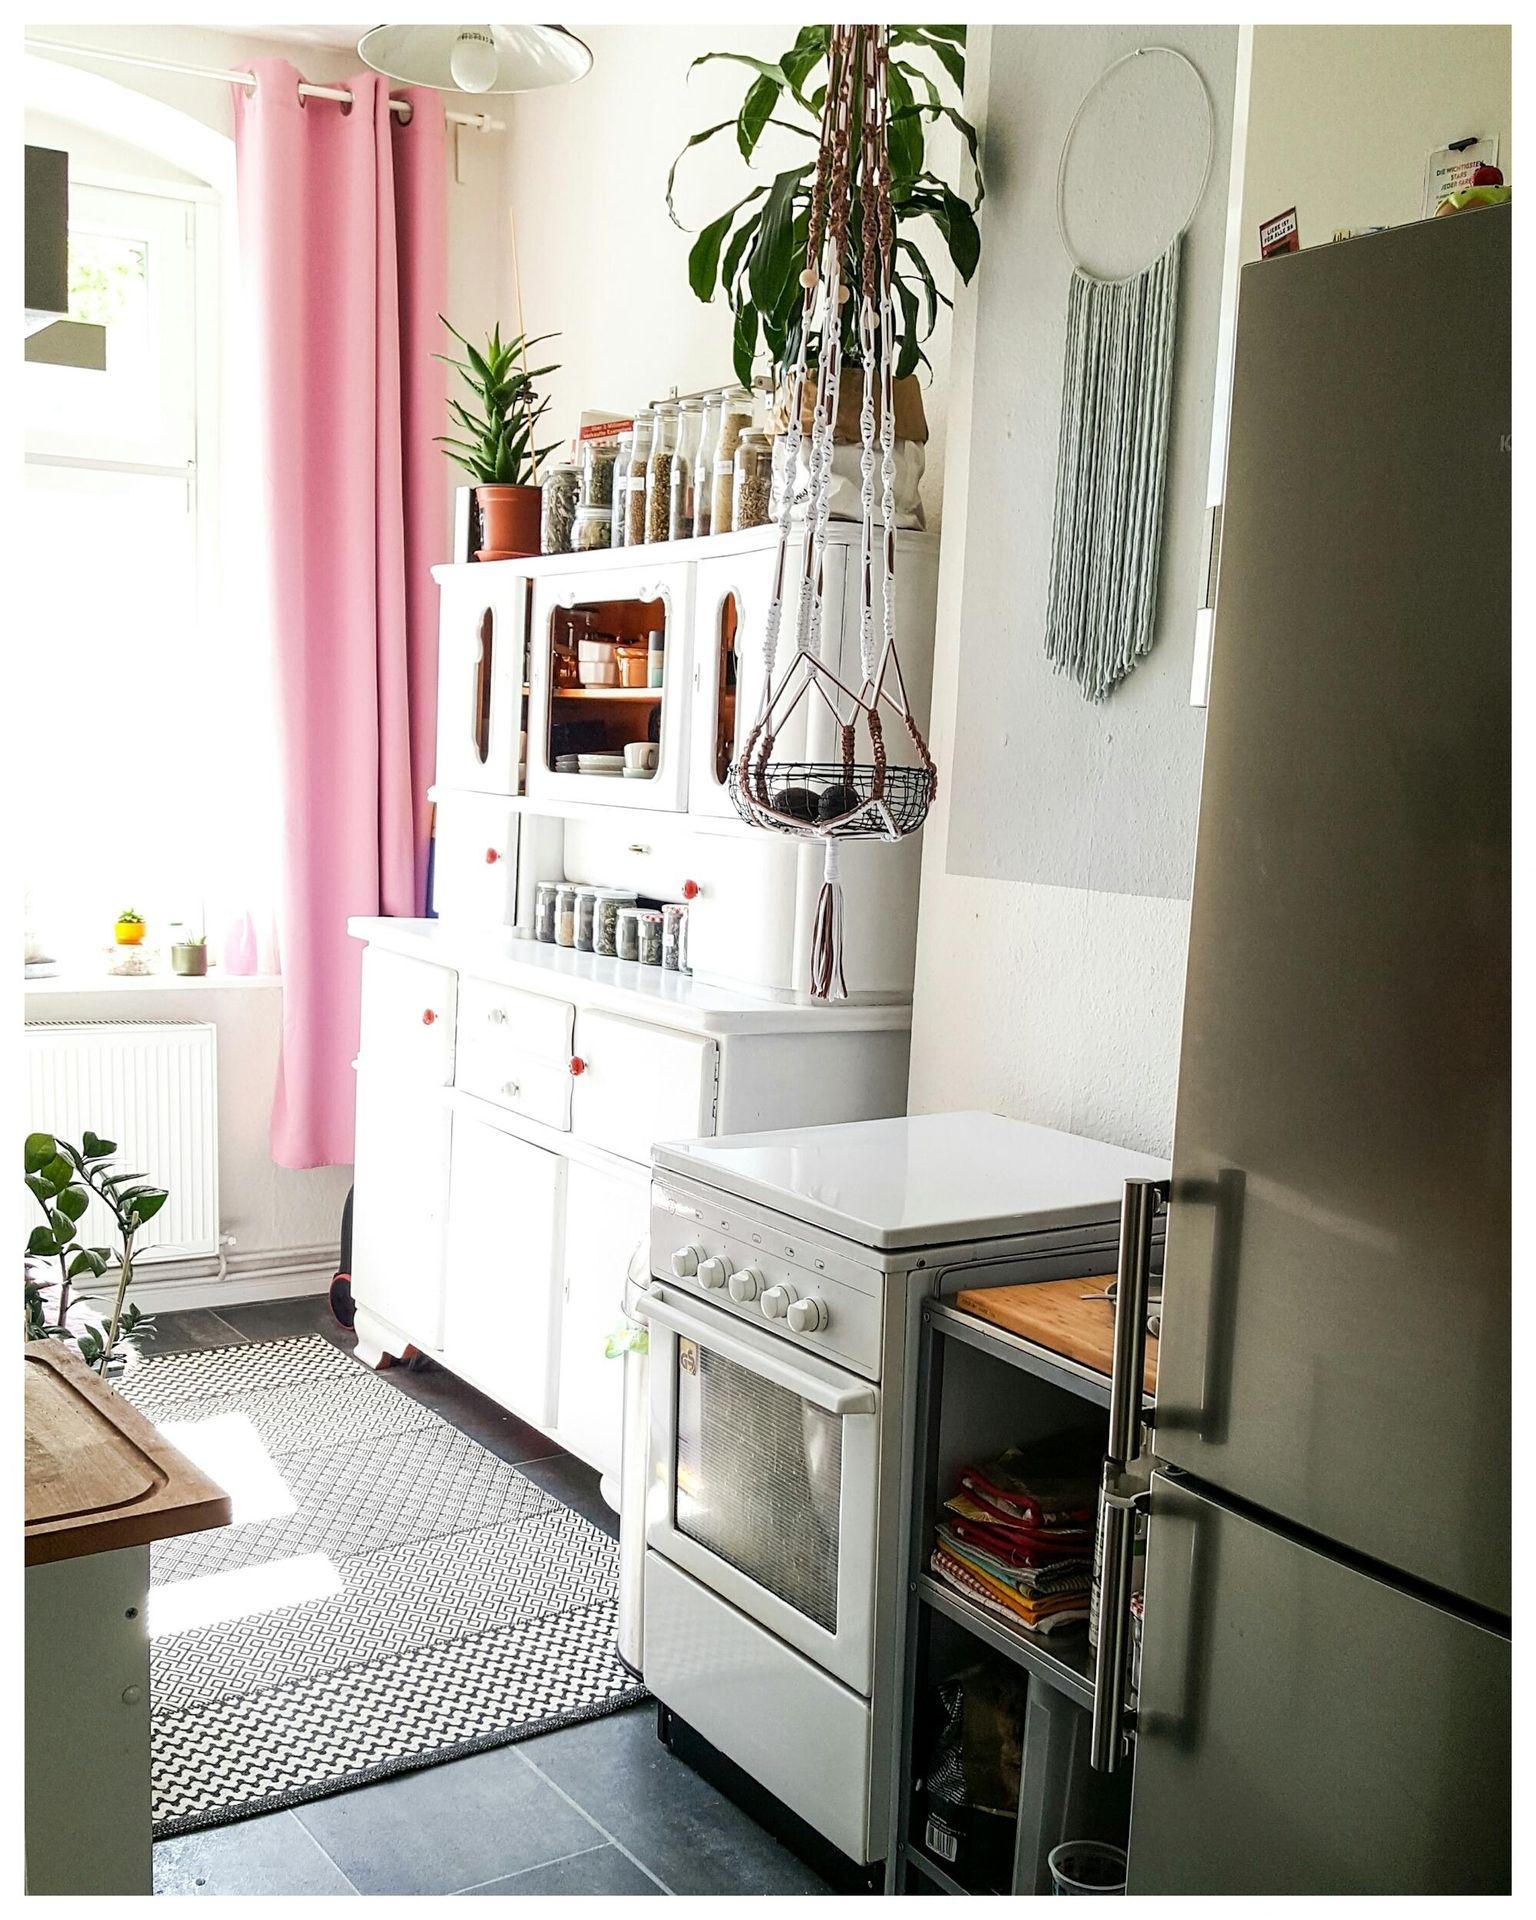 Eine rosaweiße Mädchen Küche mit einem wunderschönen